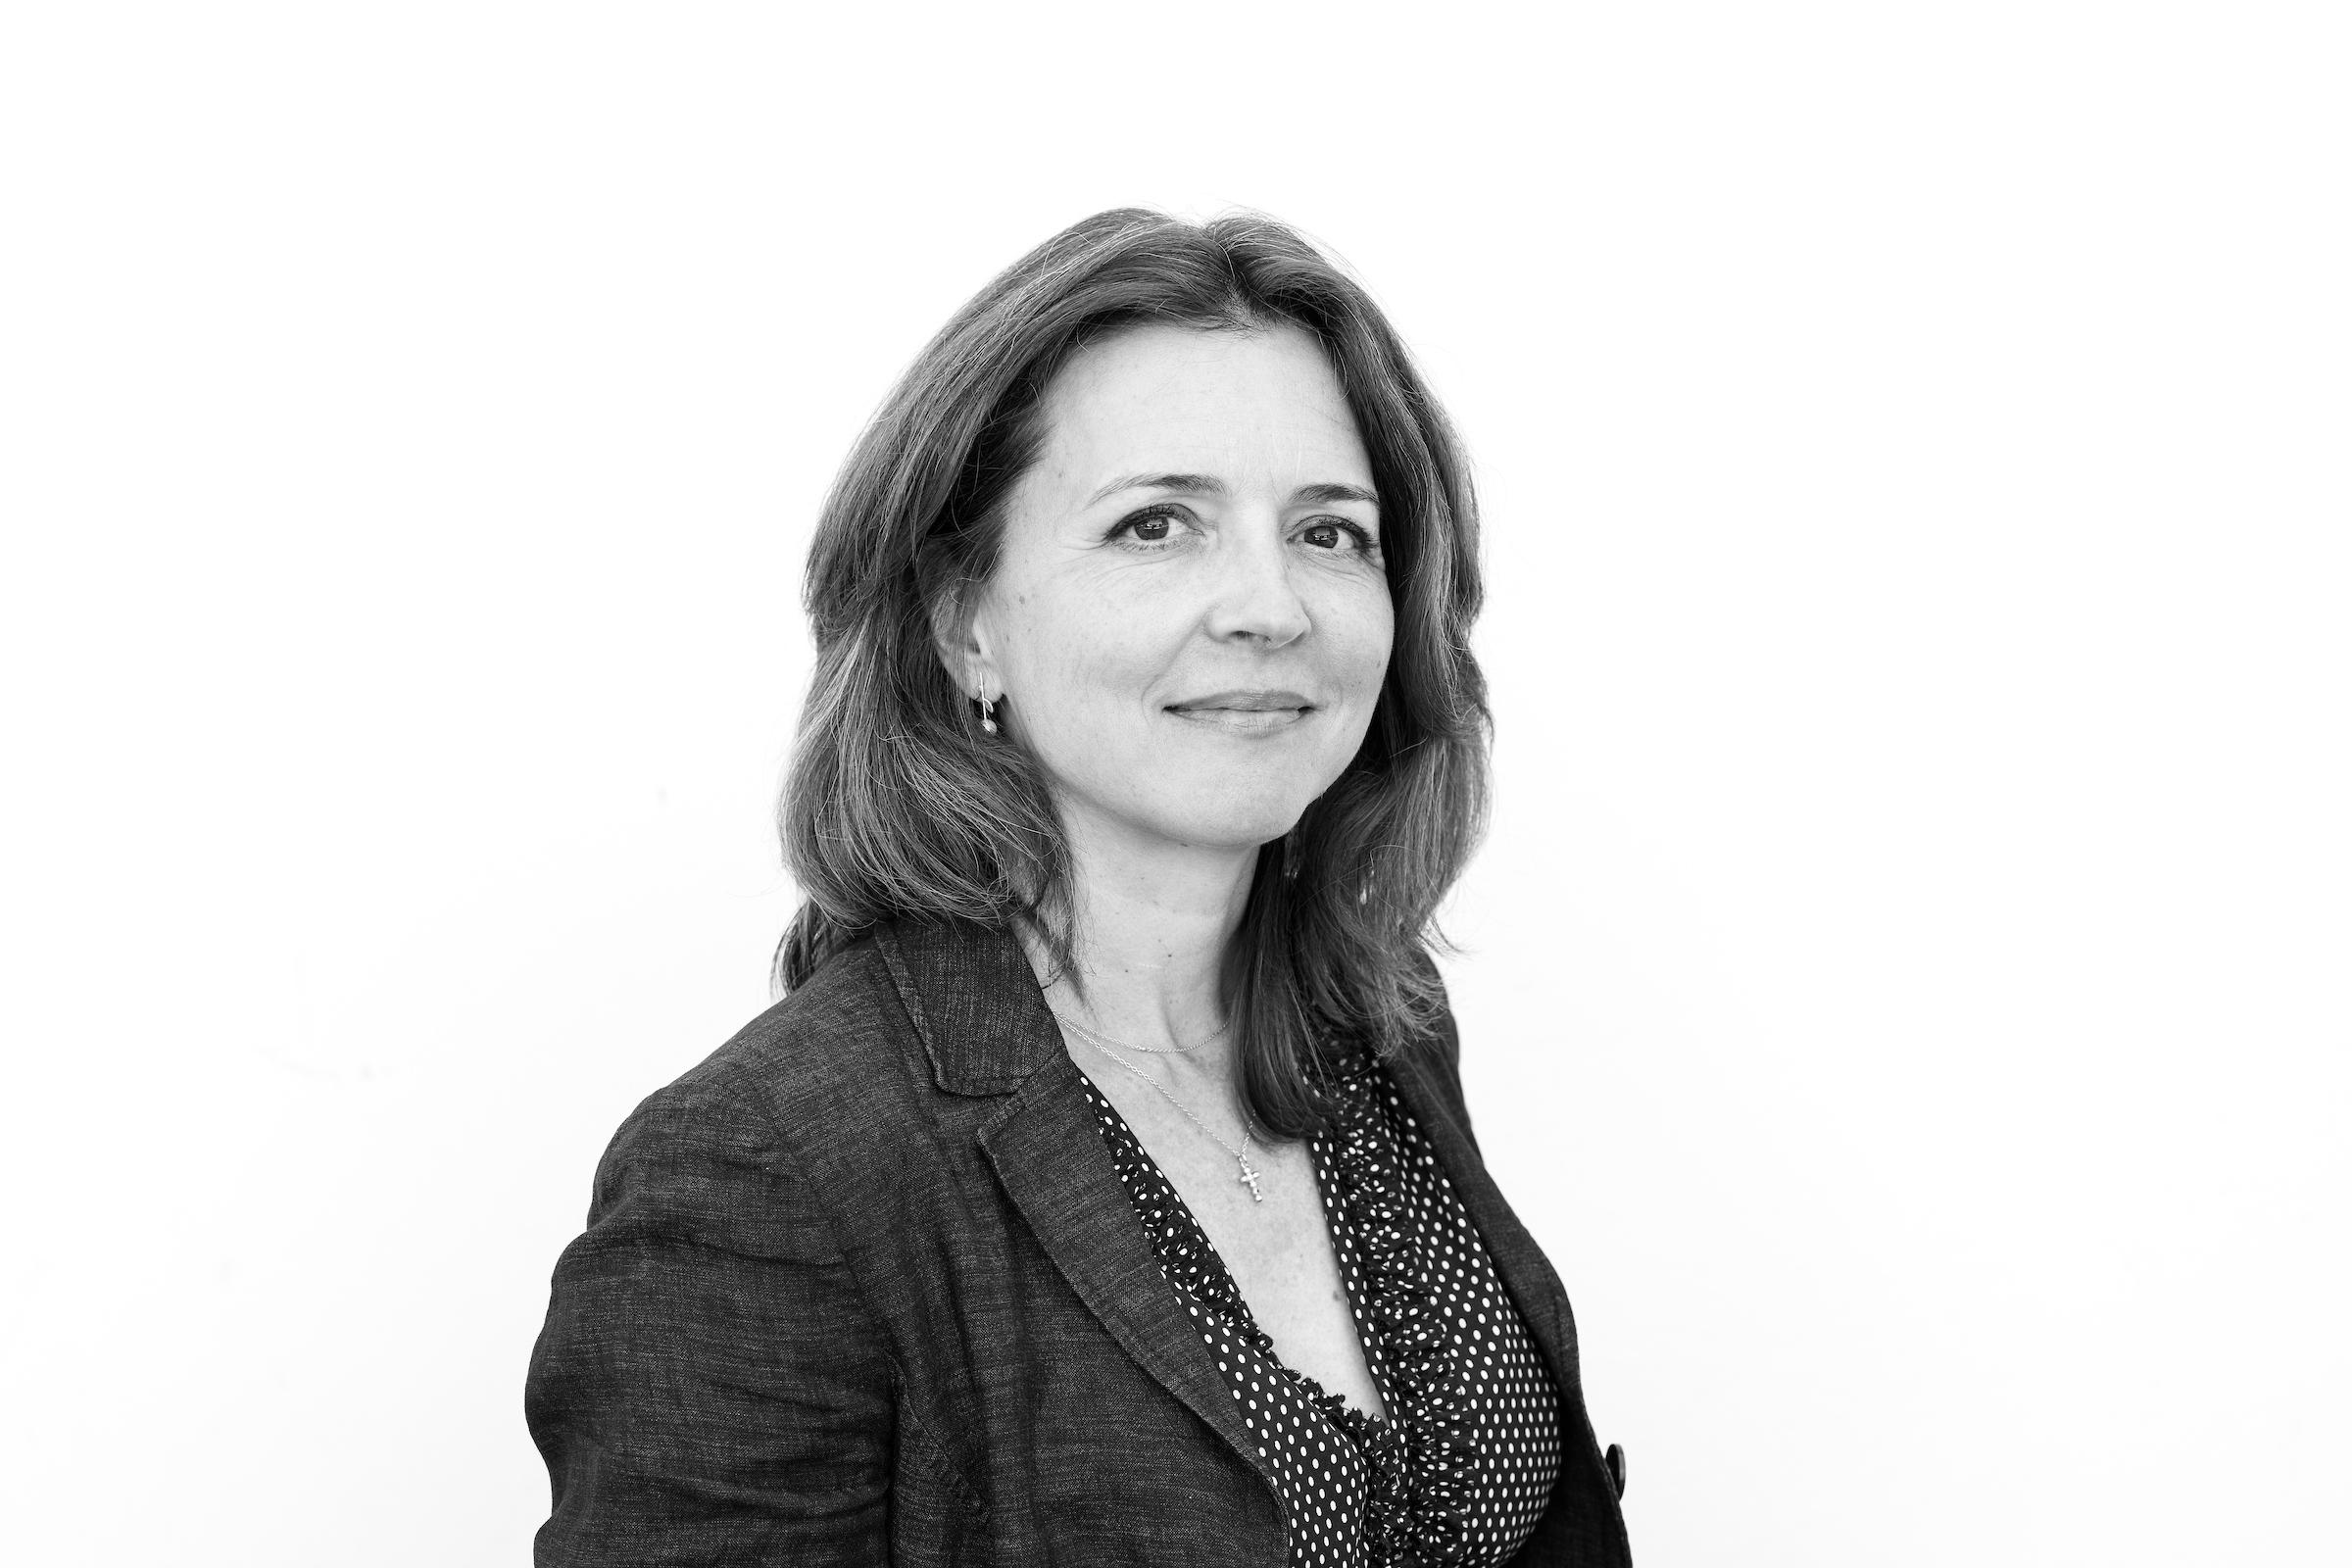 Christina Moshøj